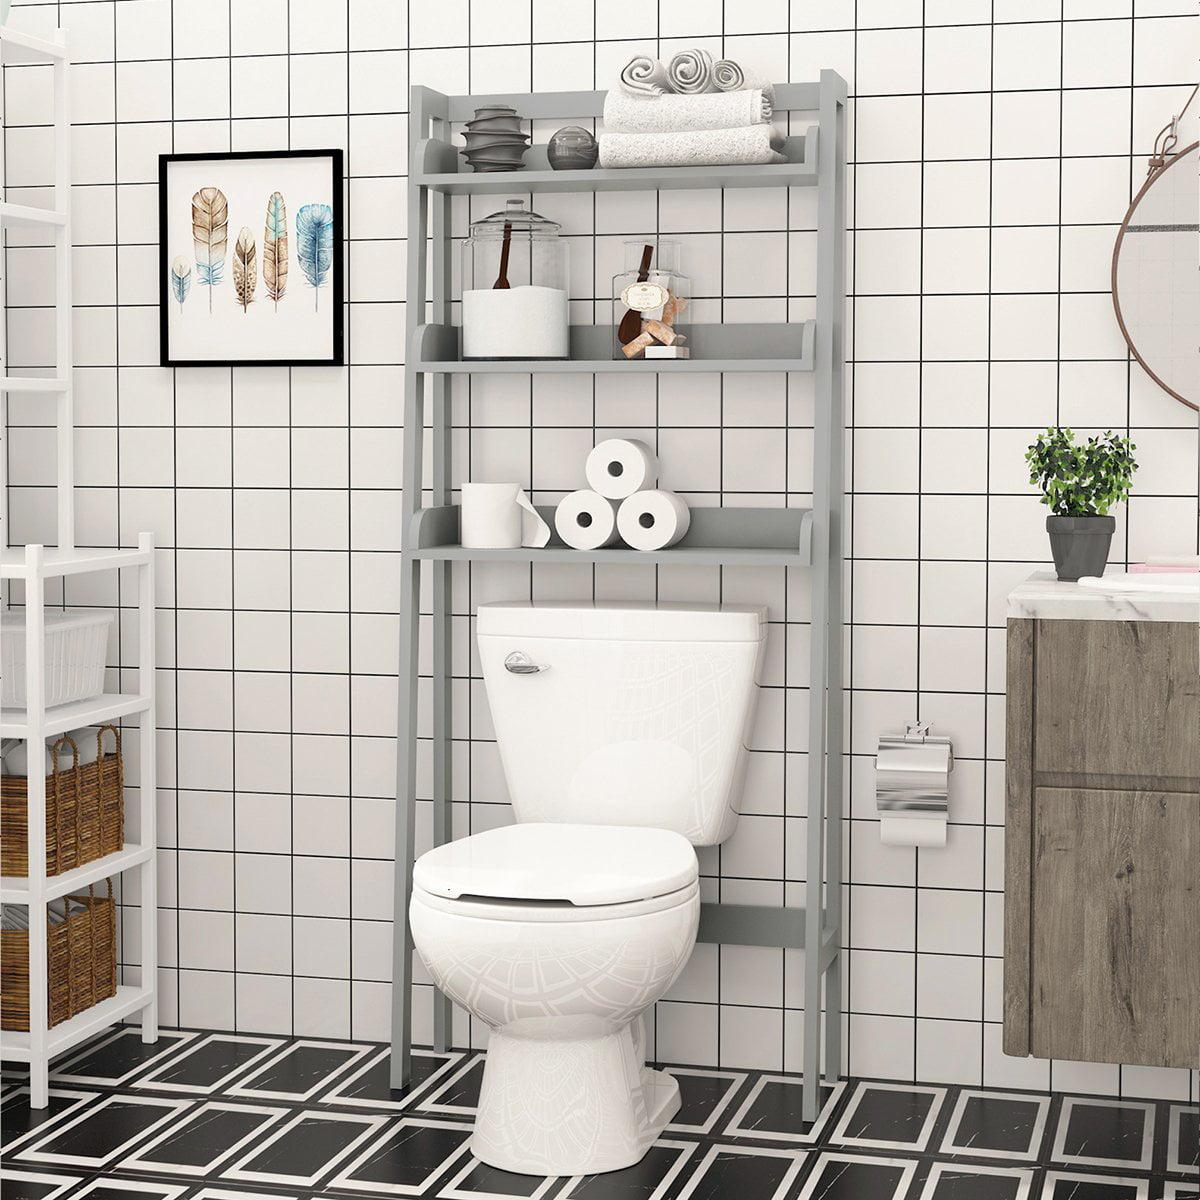 Utex 3 Shelves Bathroom Space Savers Over Toilet Storage Shelf Free Standing Bathroom Shelf Organizers Gray Walmart Com Walmart Com